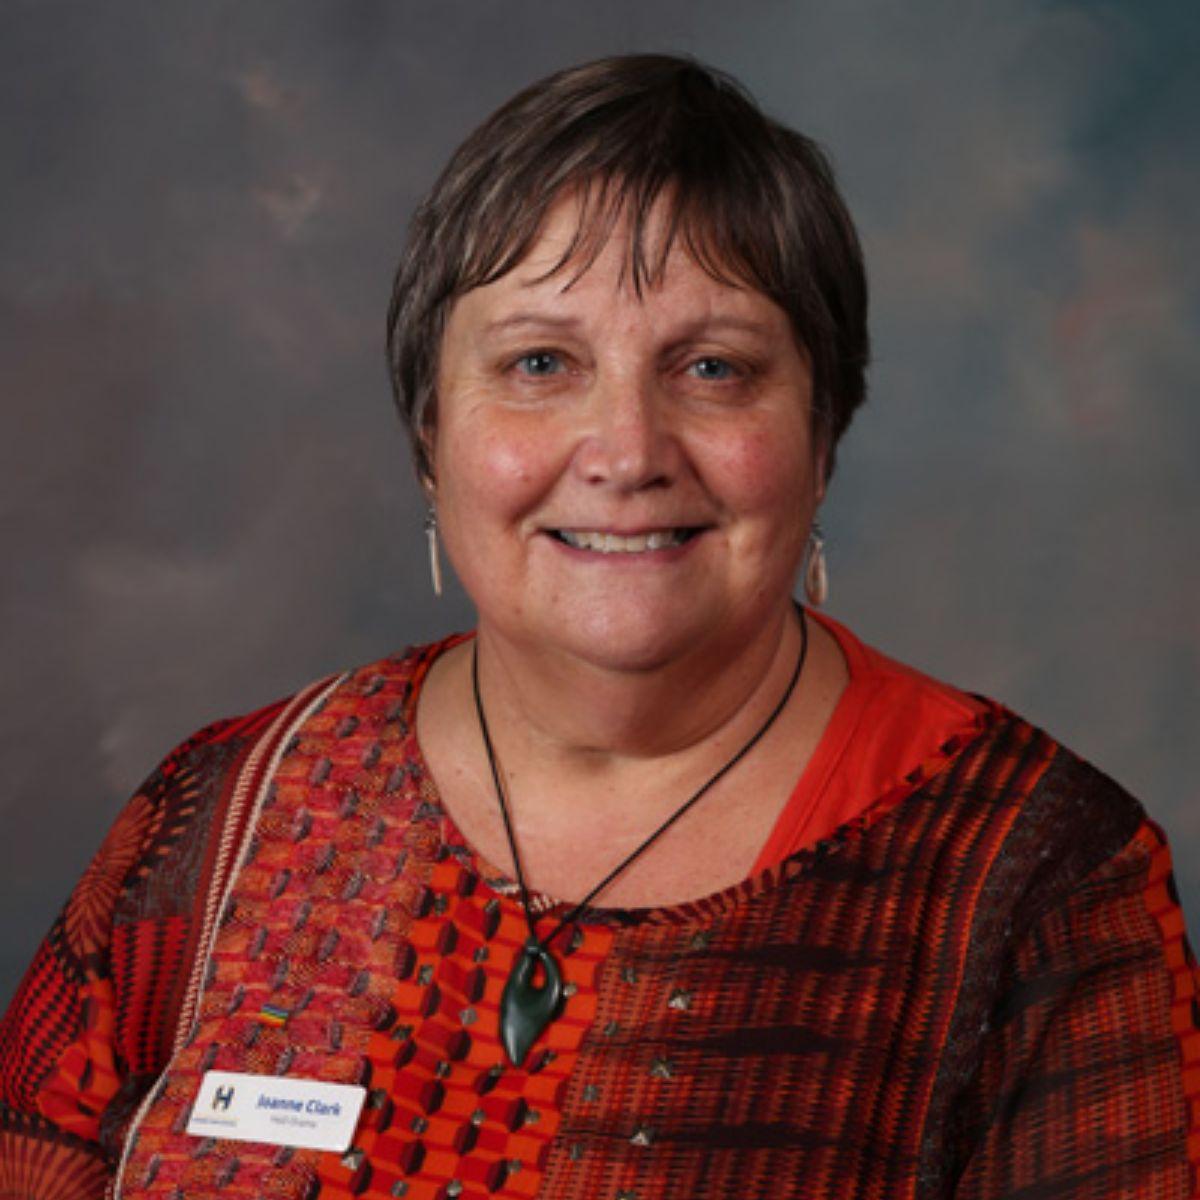 Mrs J. Clark